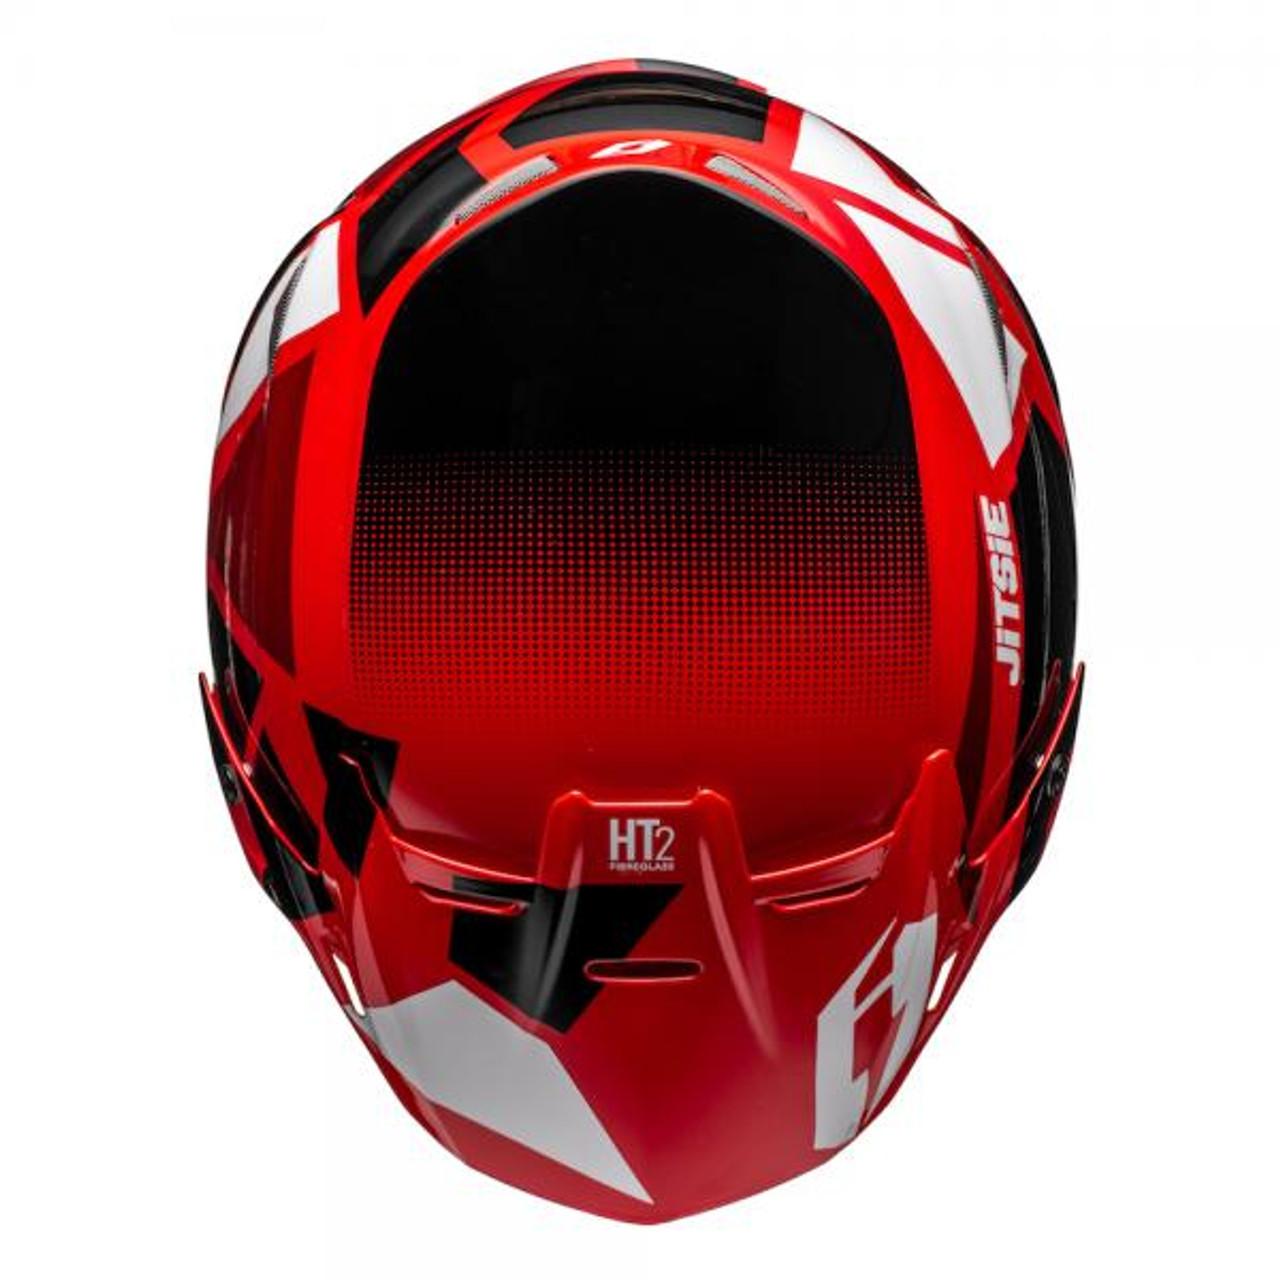 Helmet HT2 Kozmoz, red/ black, fiber glass